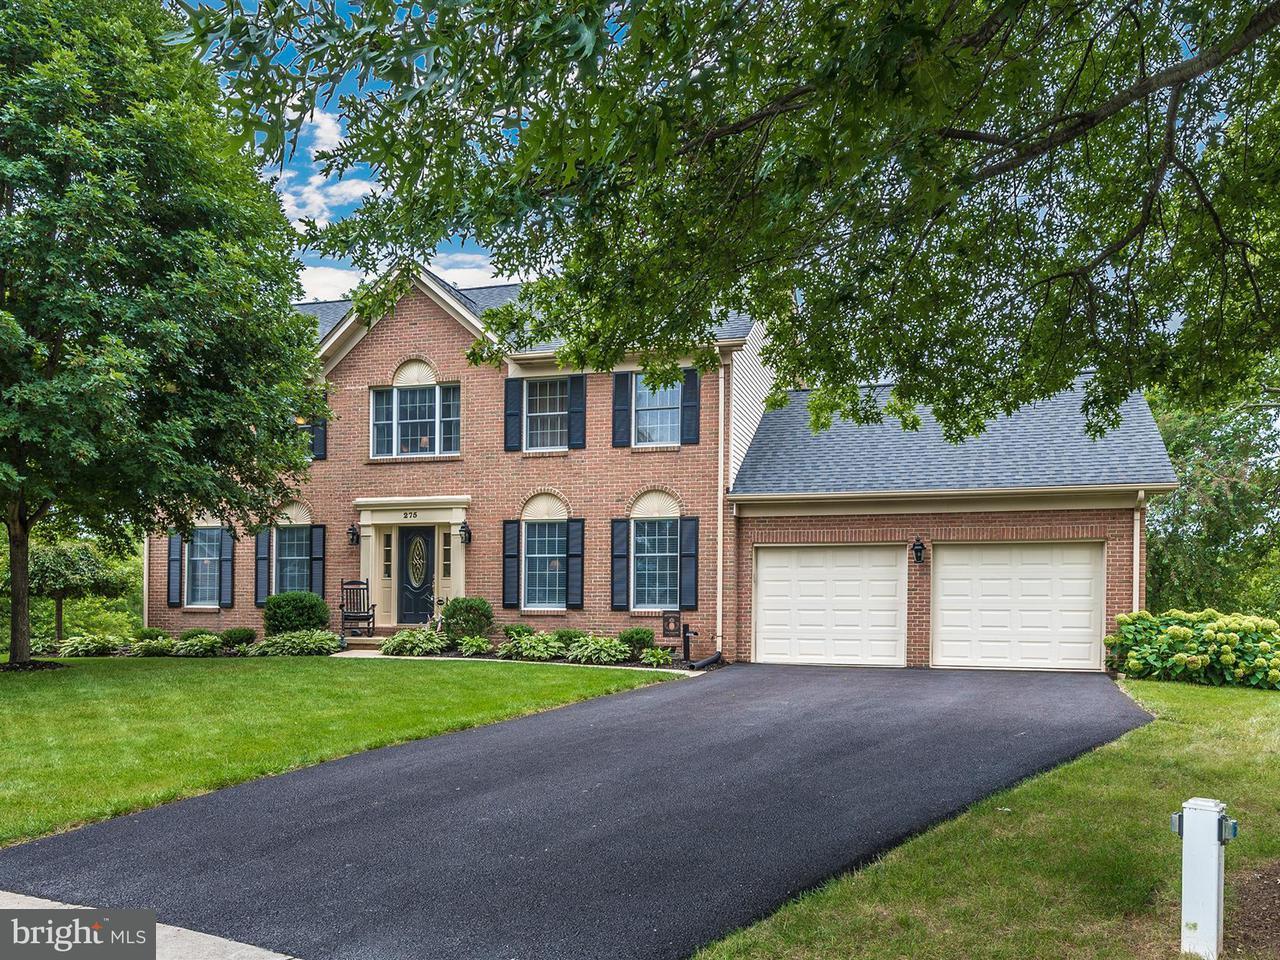 Частный односемейный дом для того Продажа на 275 MAPLEWOOD Court 275 MAPLEWOOD Court Walkersville, Мэриленд 21793 Соединенные Штаты